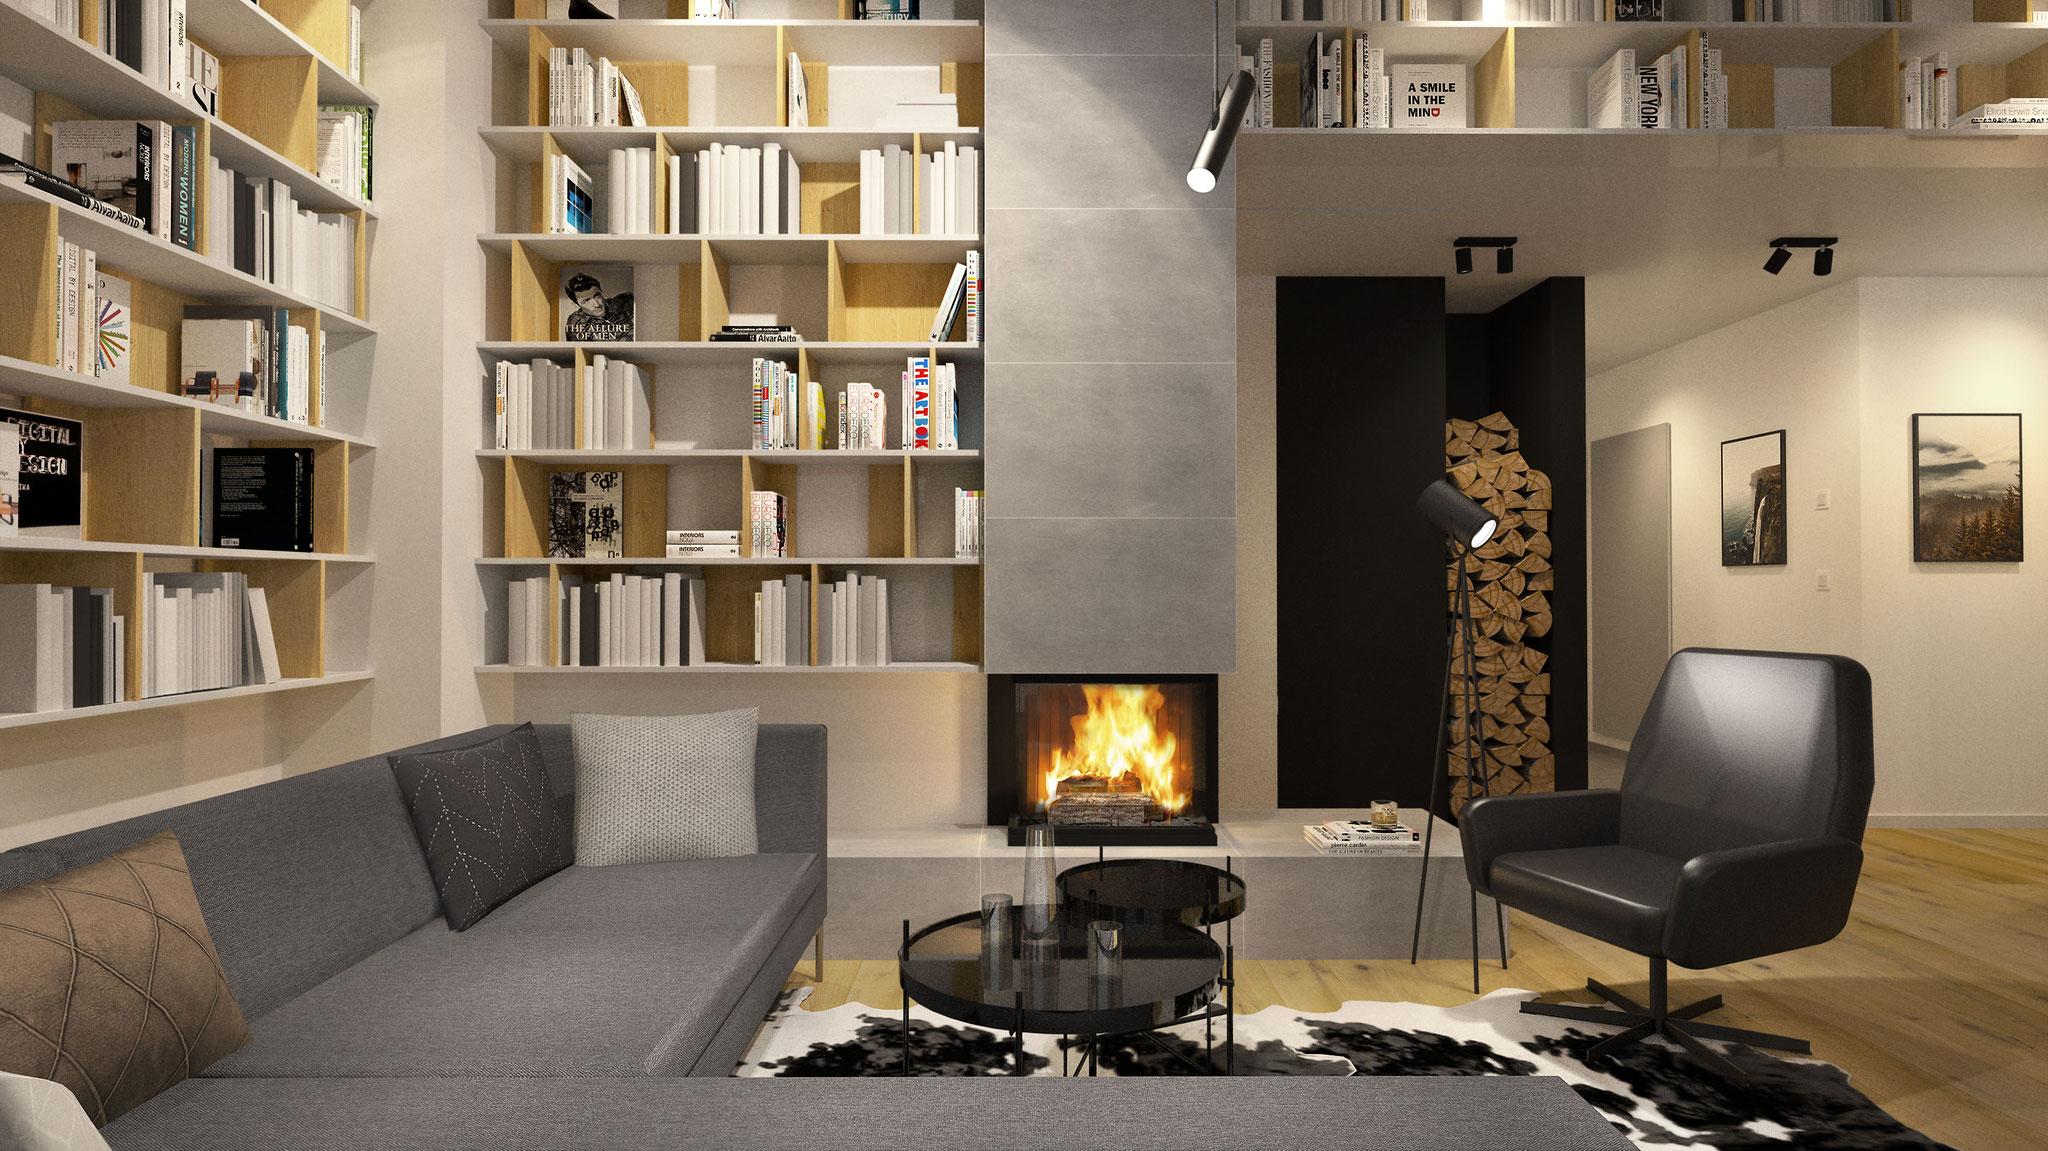 Haus W., Wettmannstätten, Wohnzimmer mit Kamin